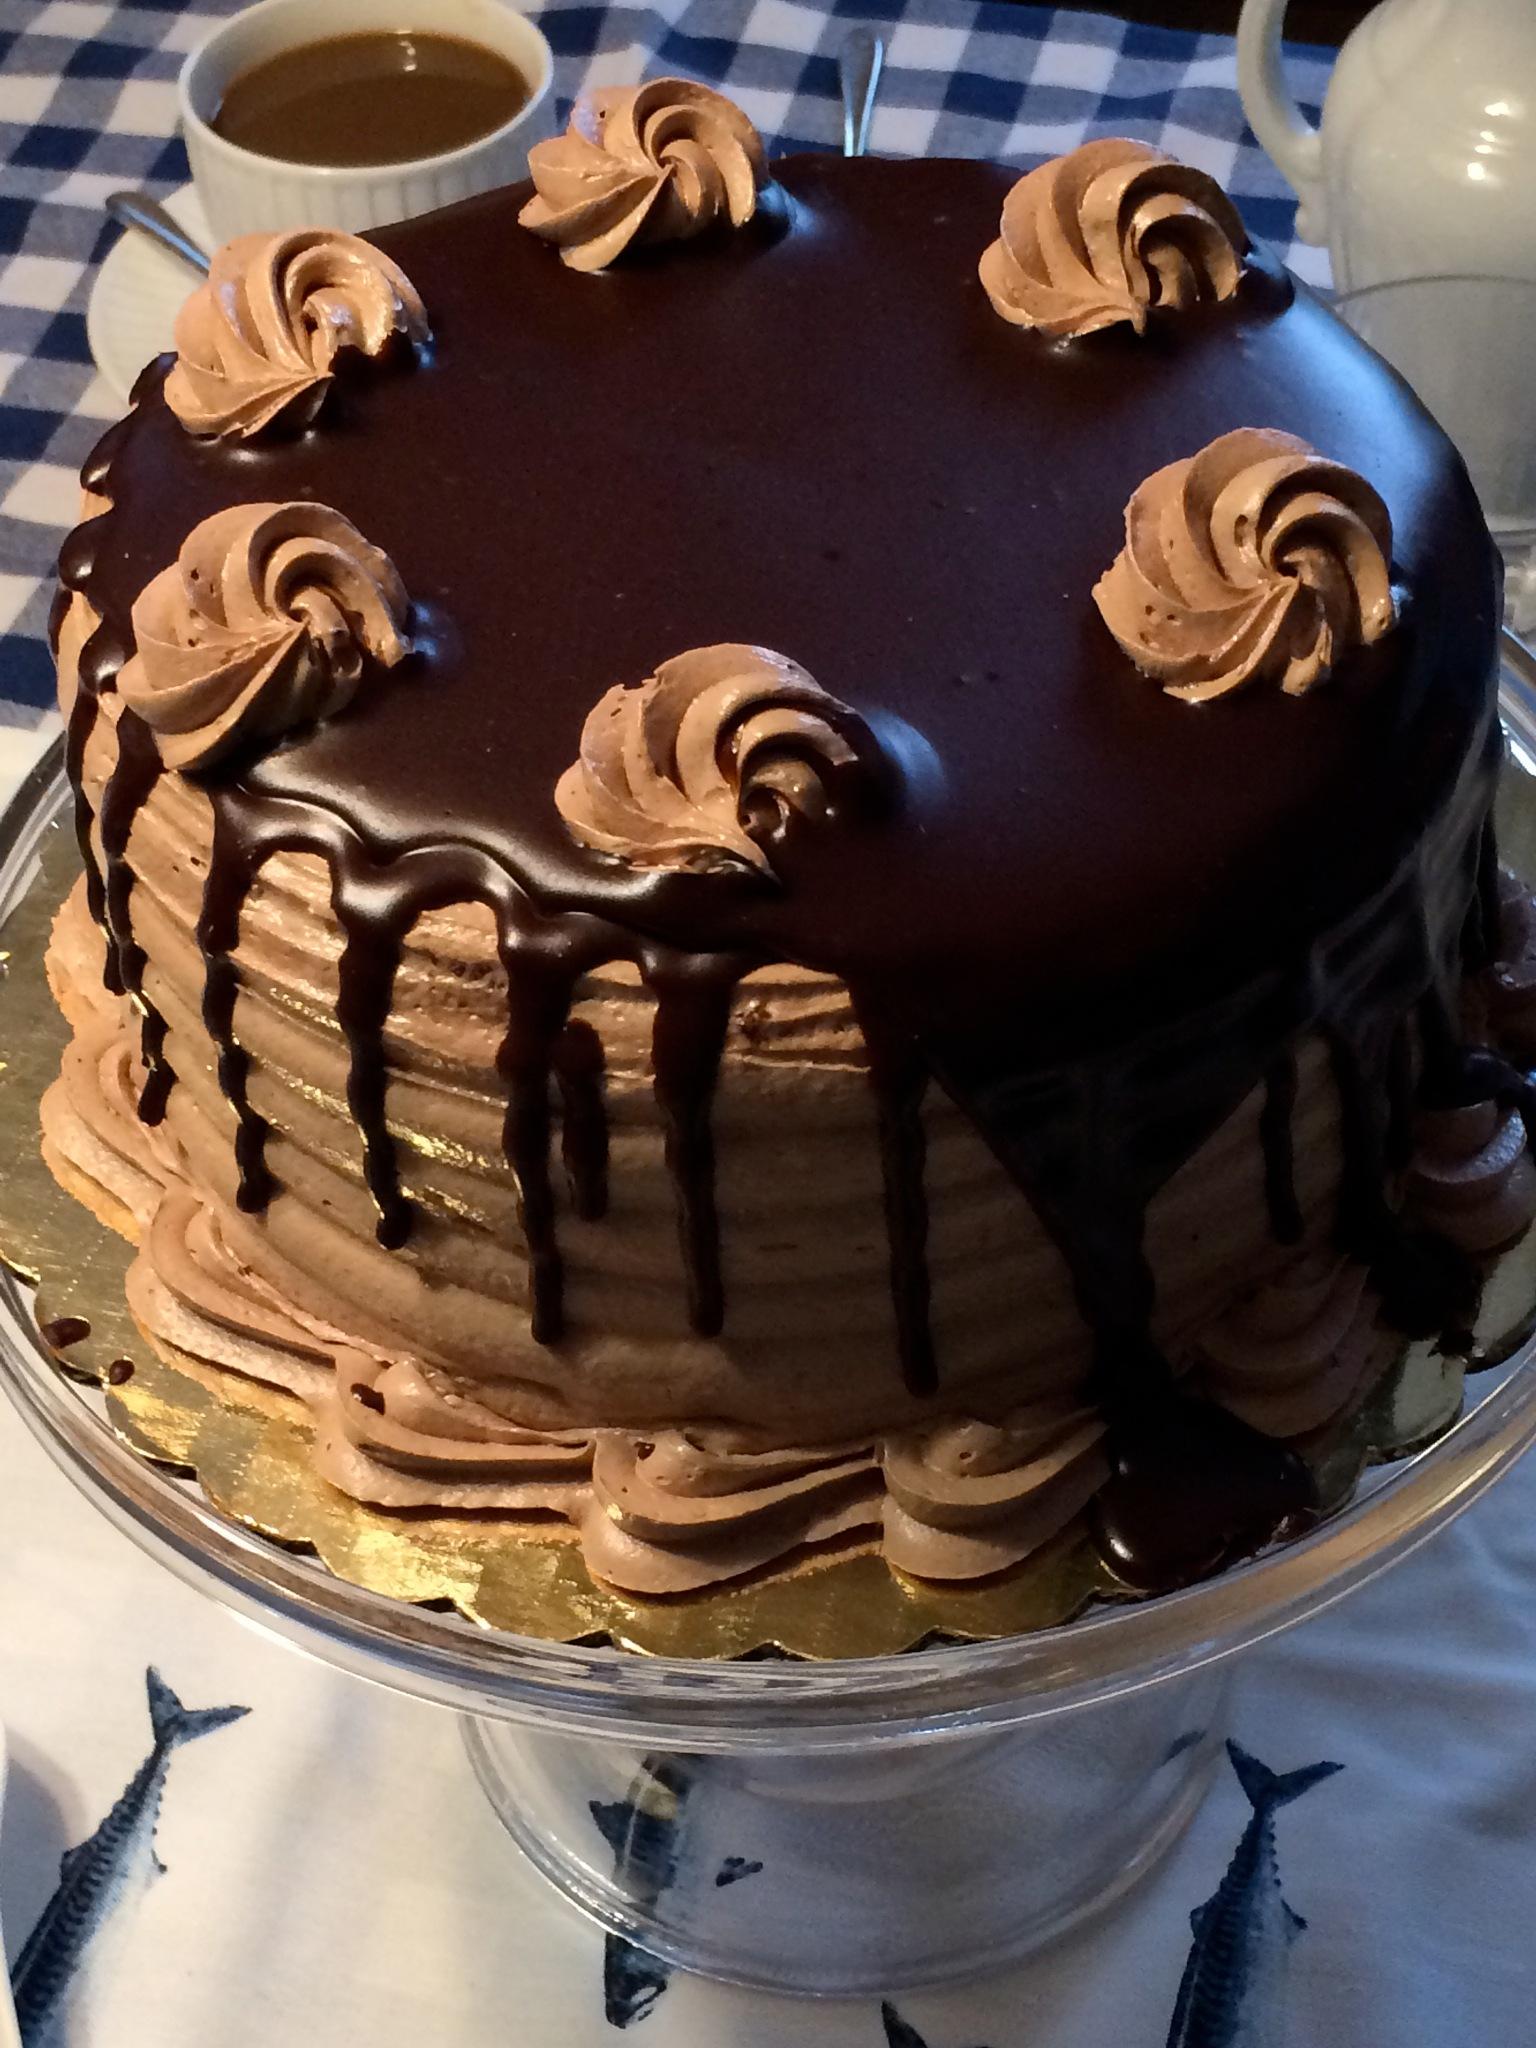 Cake by greatshots